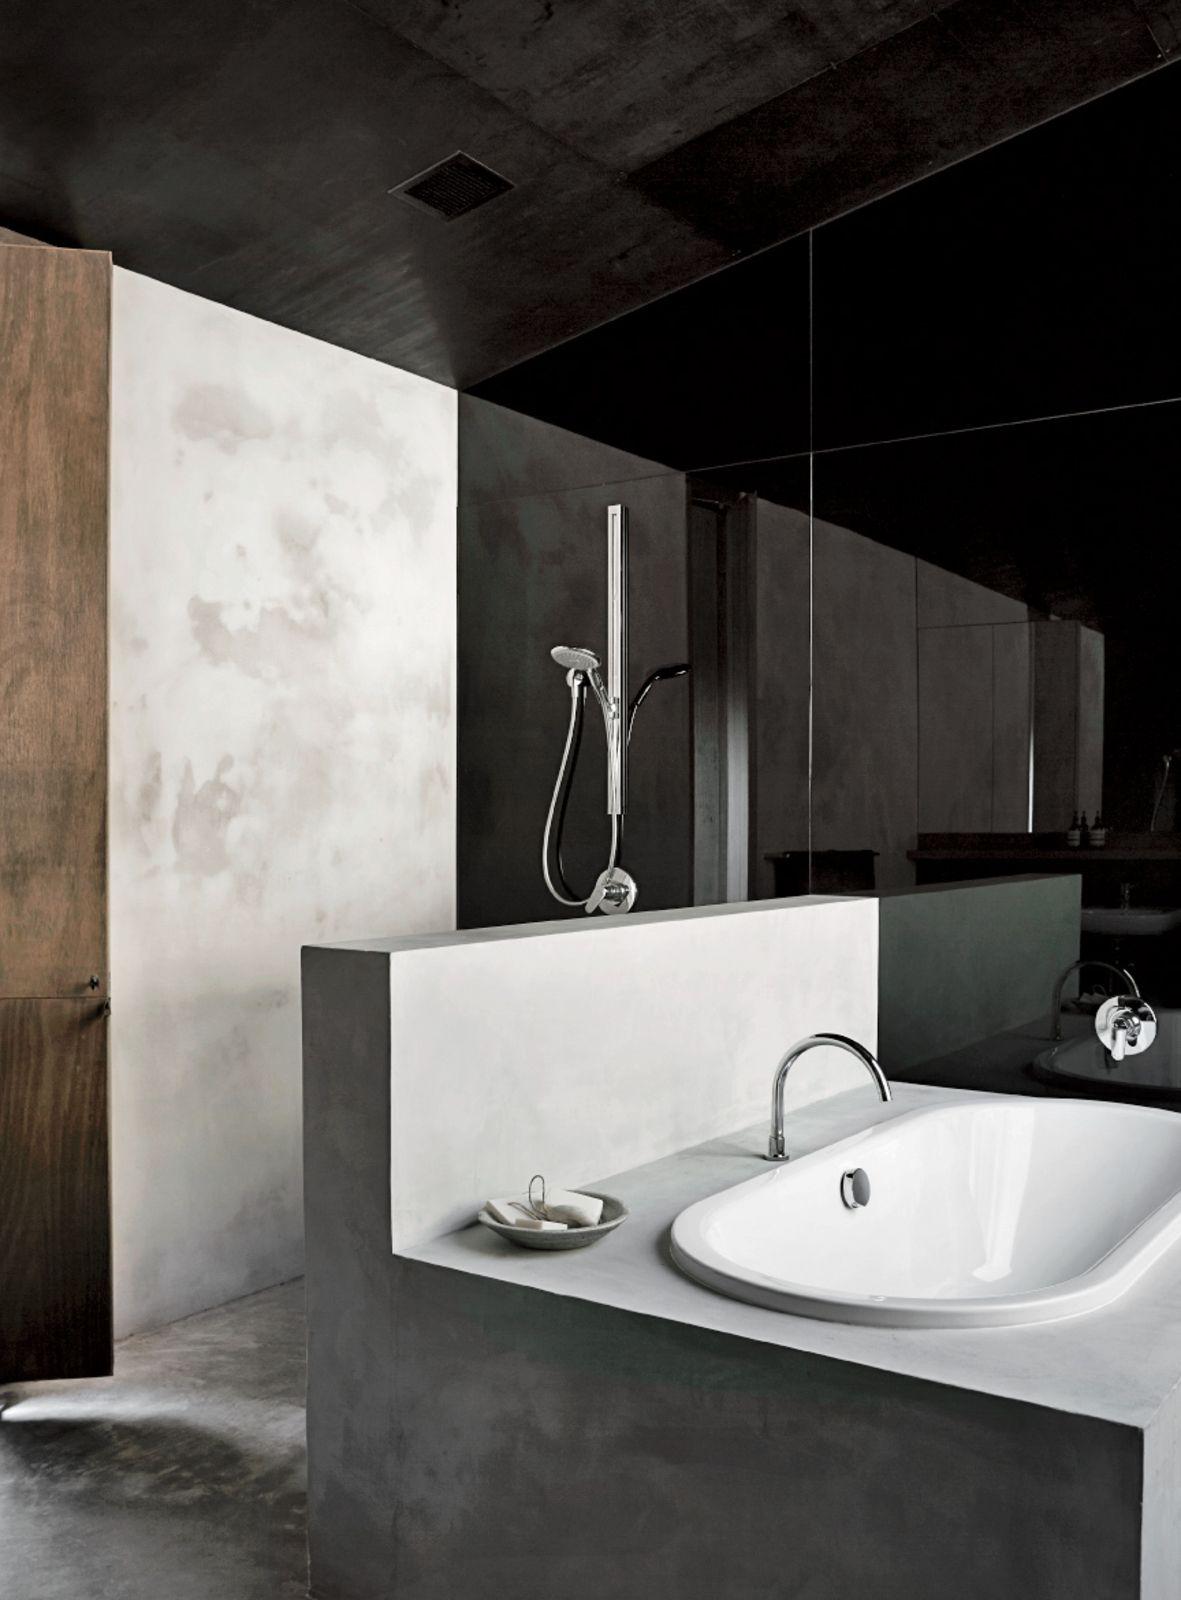 Ensuite badezimmerdesign richly furnished home frames striking landscape views  häuser